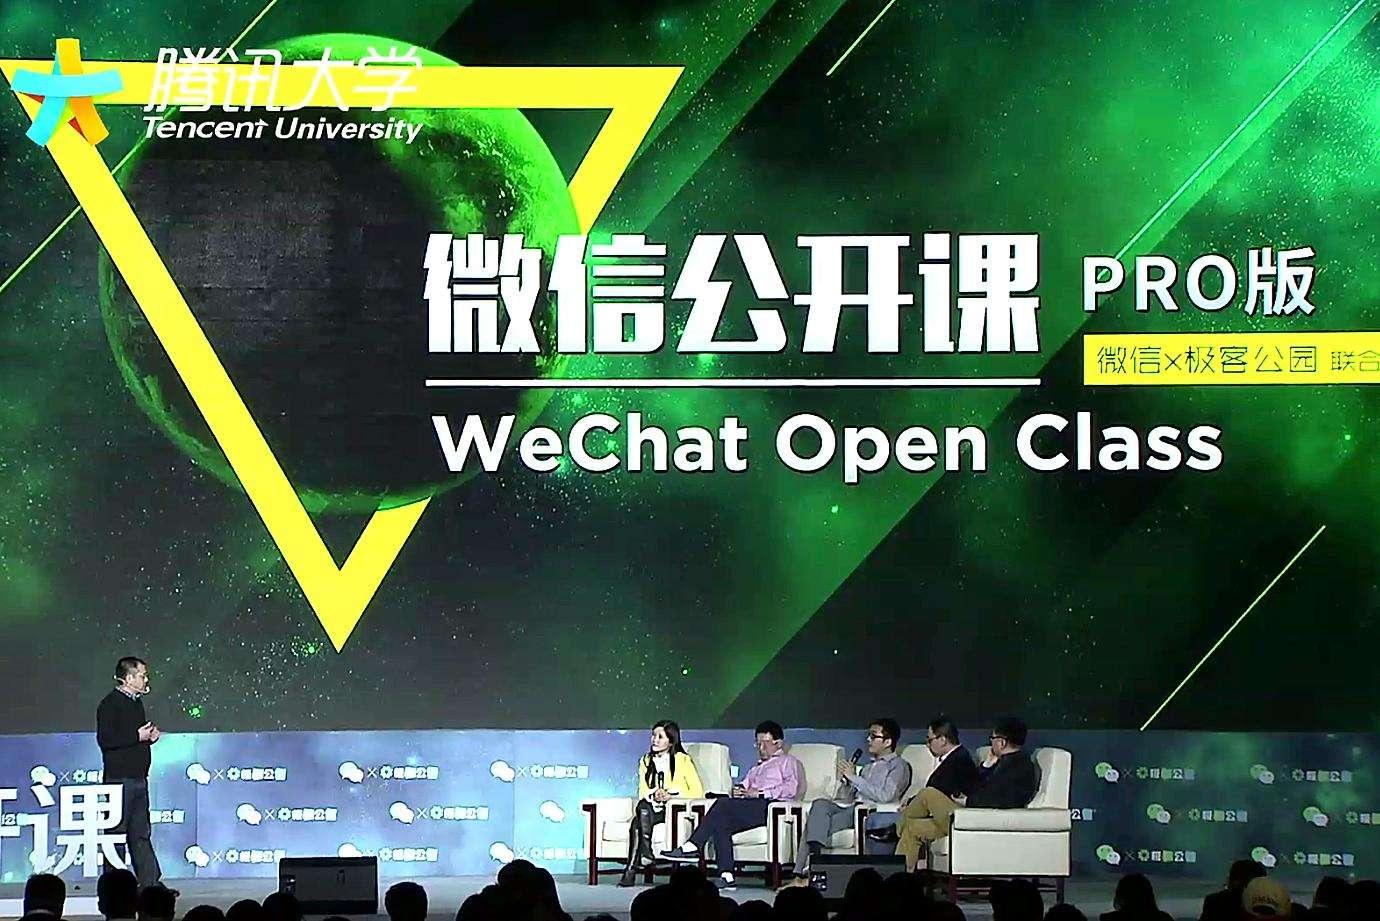 「微信公开课PRO」(Wechat Open Class PRO)